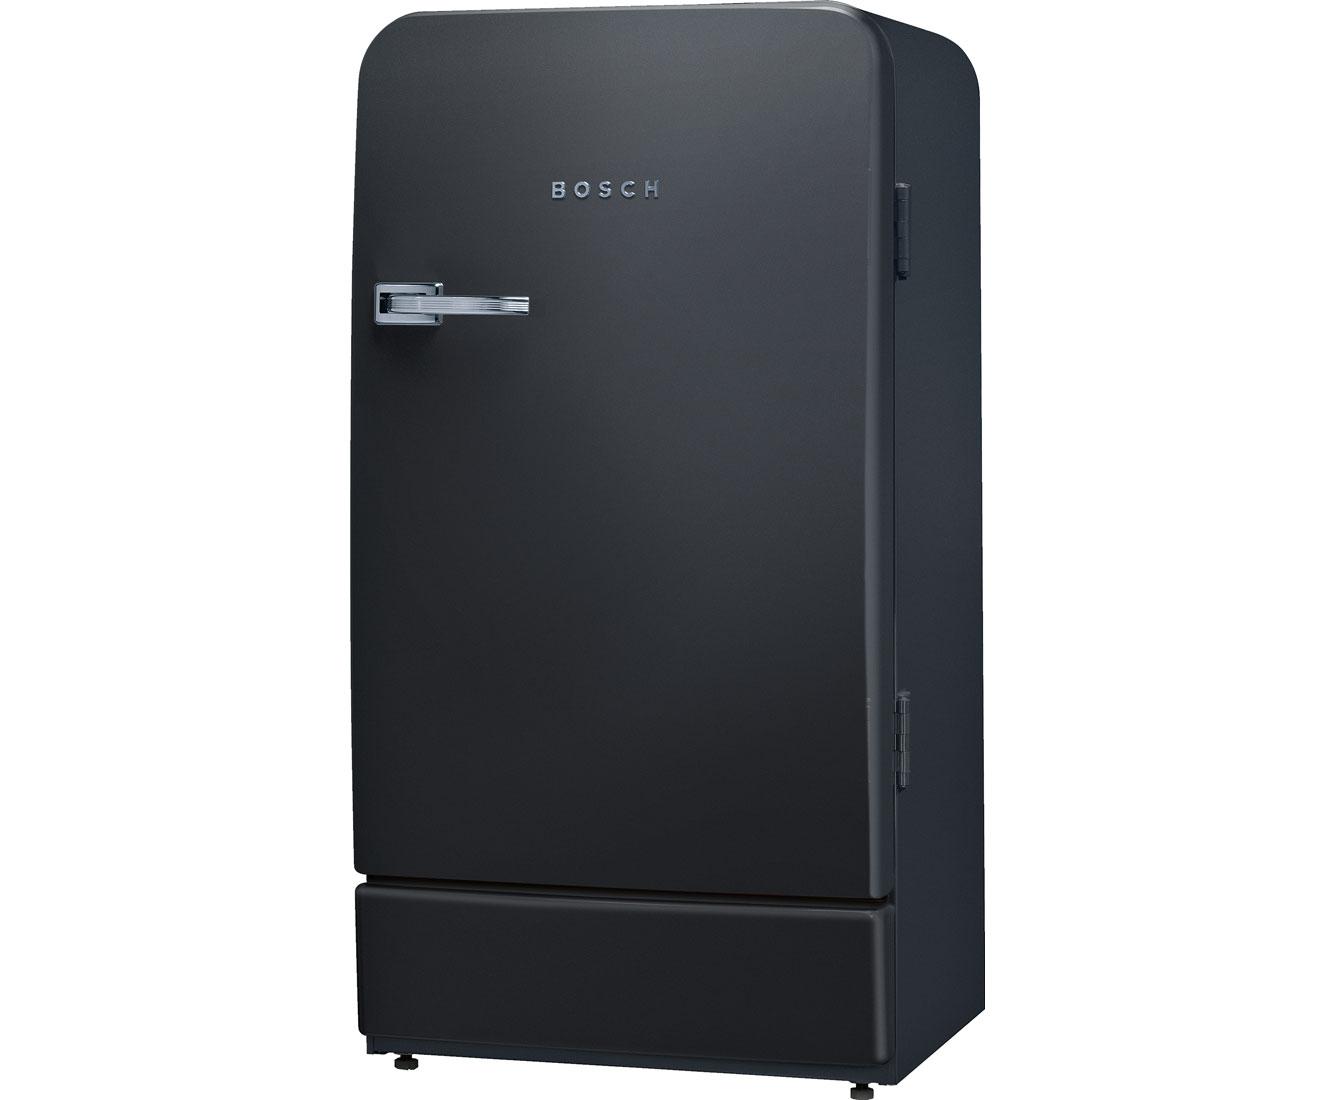 Bosch Kühlschrank Ohne Gefrierfach Freistehend : Retro kühlschrank ohne gefrierfach gorenje orb xl